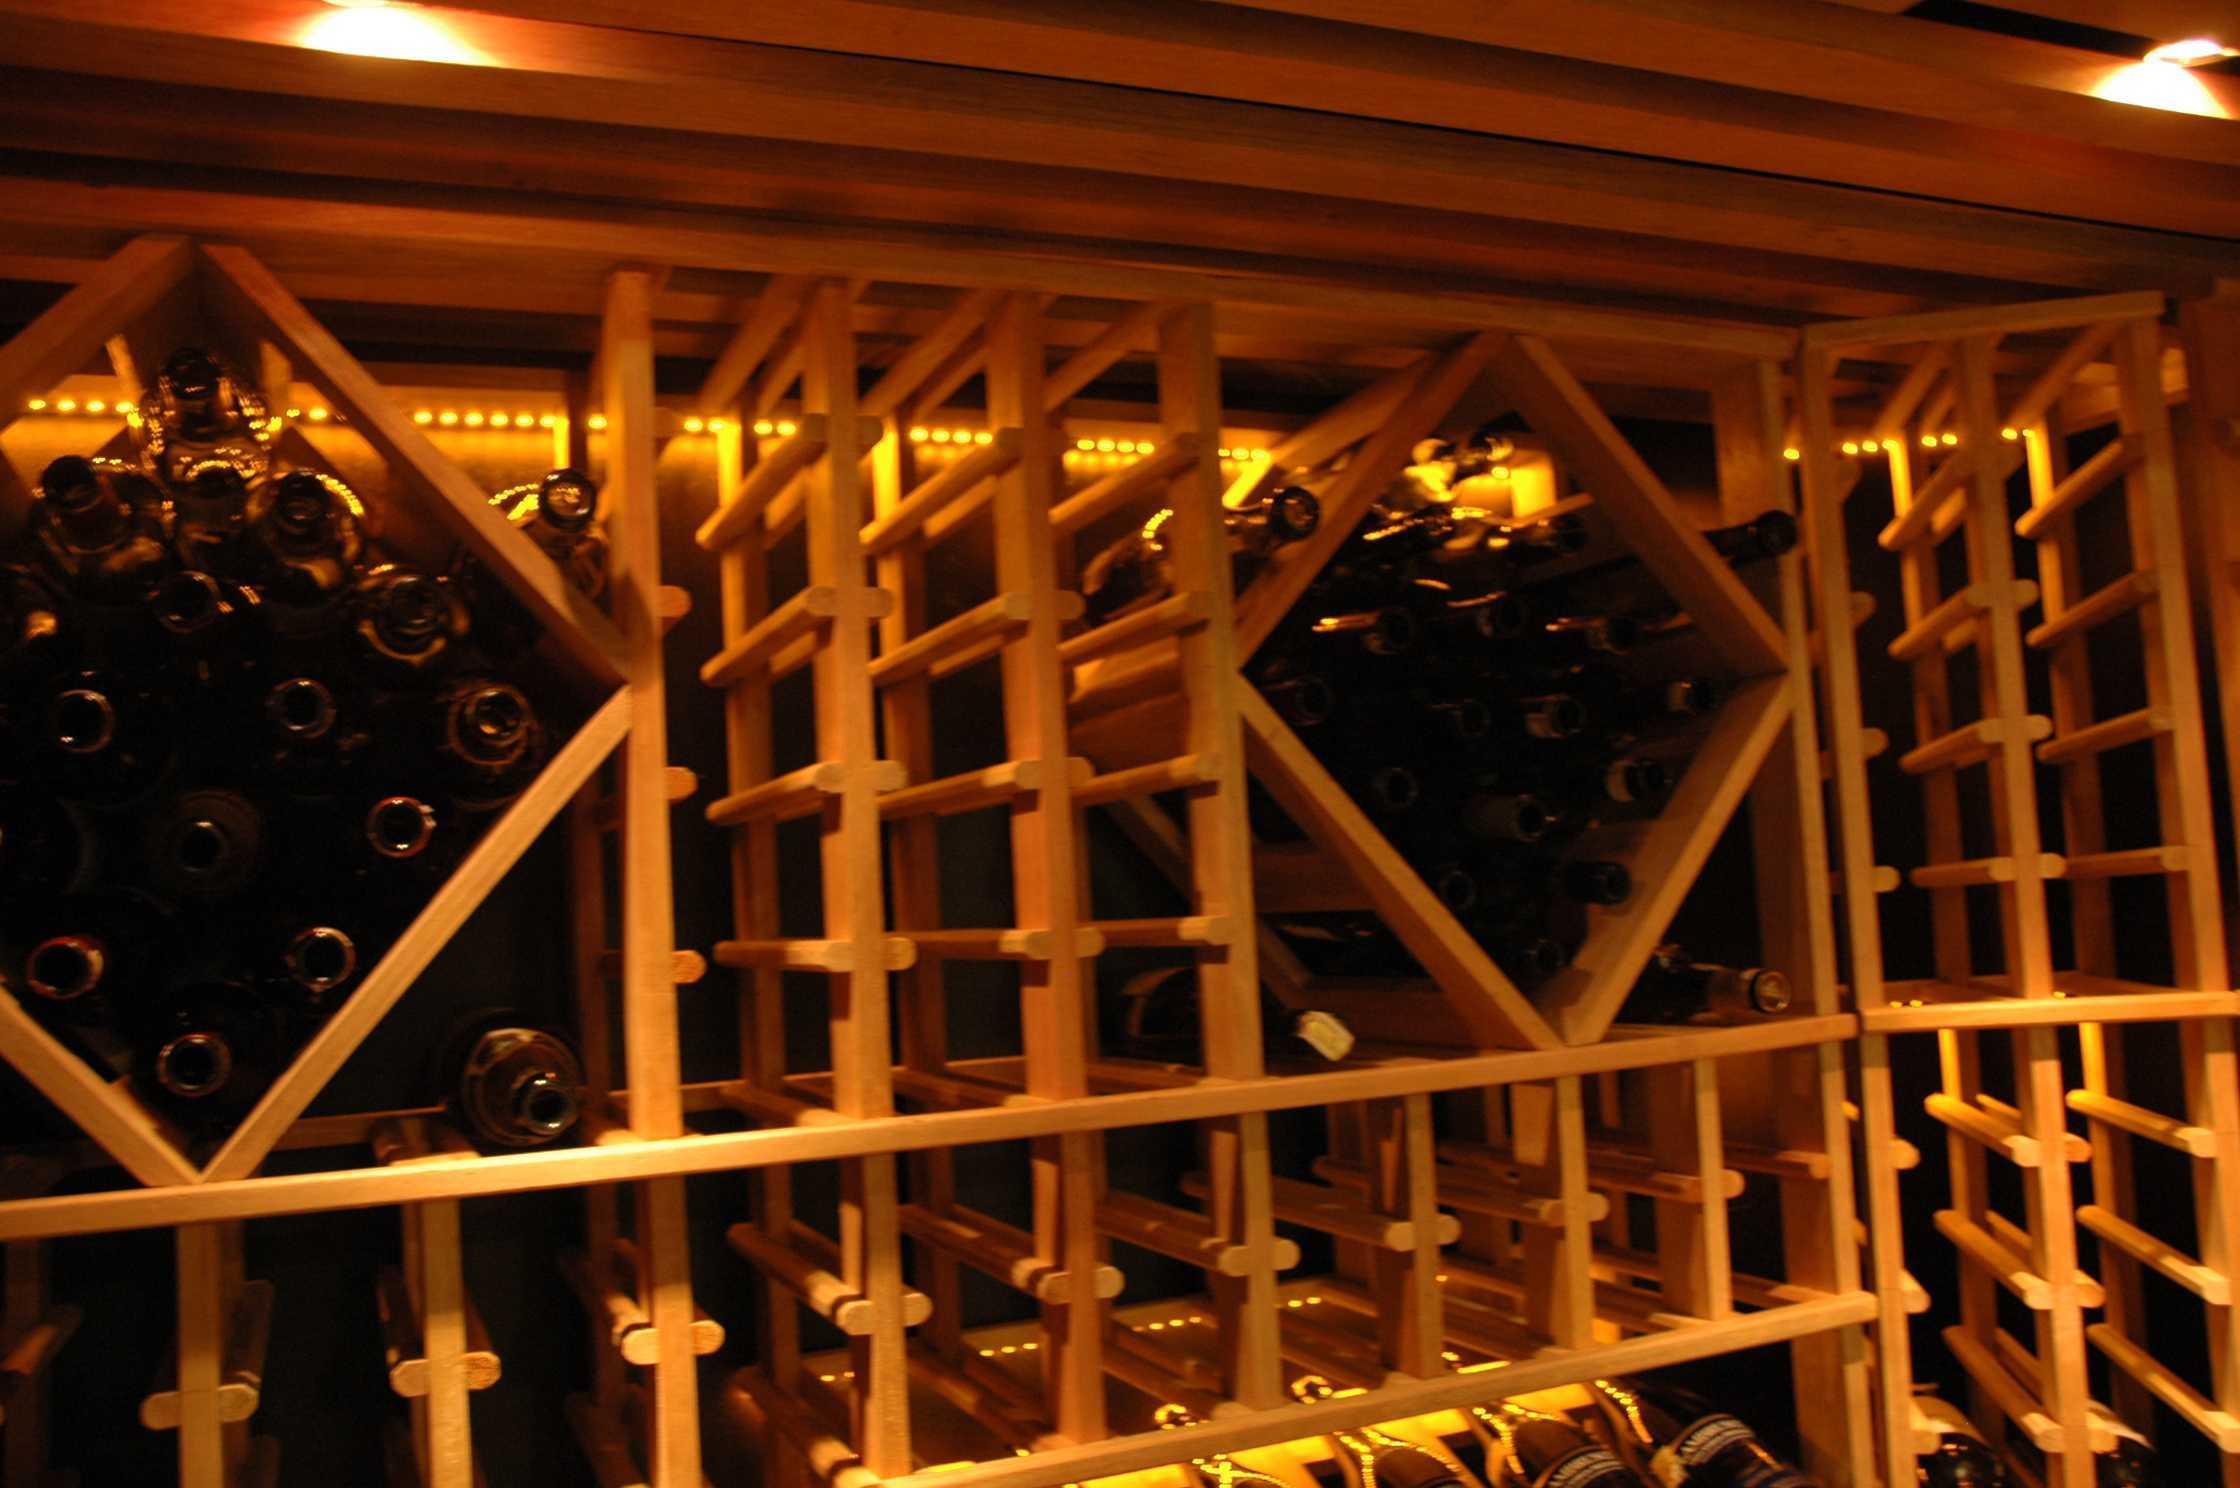 Awds Interior Wine Cellar Design Klp. Gading, Kota Jkt Utara, Daerah Khusus Ibukota Jakarta, Indonesia Klp. Gading, Kota Jkt Utara, Daerah Khusus Ibukota Jakarta, Indonesia Display Area   41791